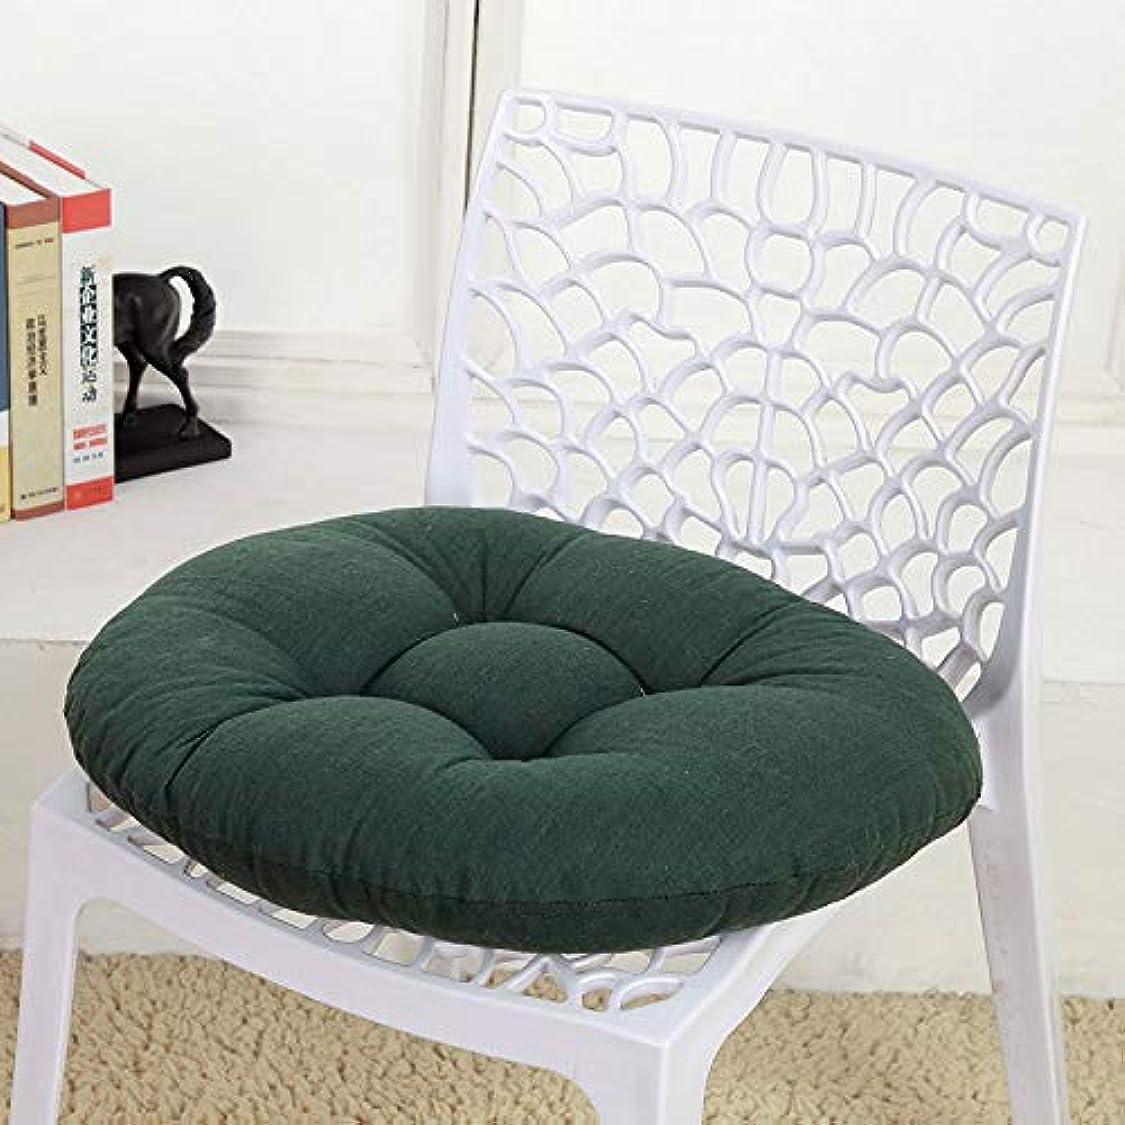 満足コンサート小麦LIFE キャンディカラーのクッションラウンドシートクッション波ウィンドウシートクッションクッション家の装飾パッドラウンド枕シート枕椅子座る枕 クッション 椅子